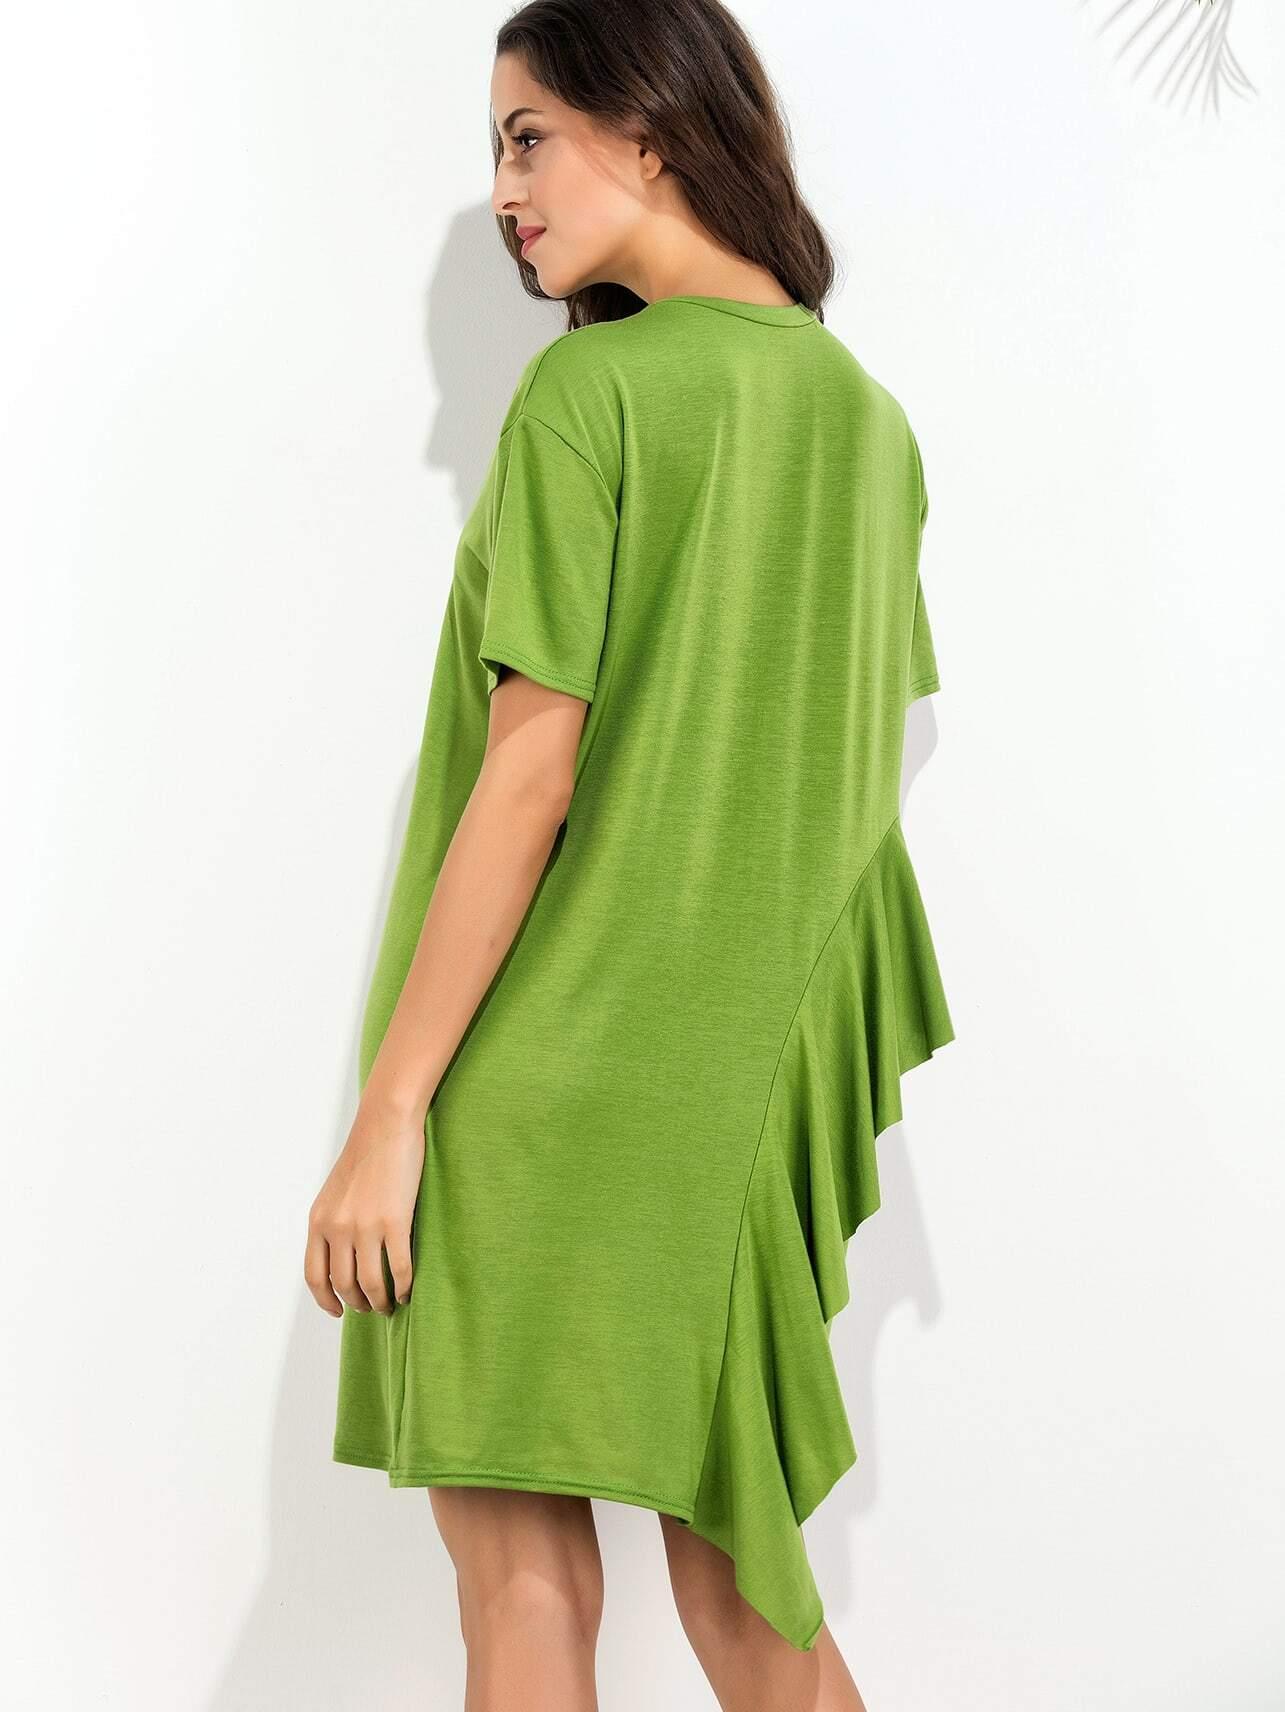 dress170309110_2